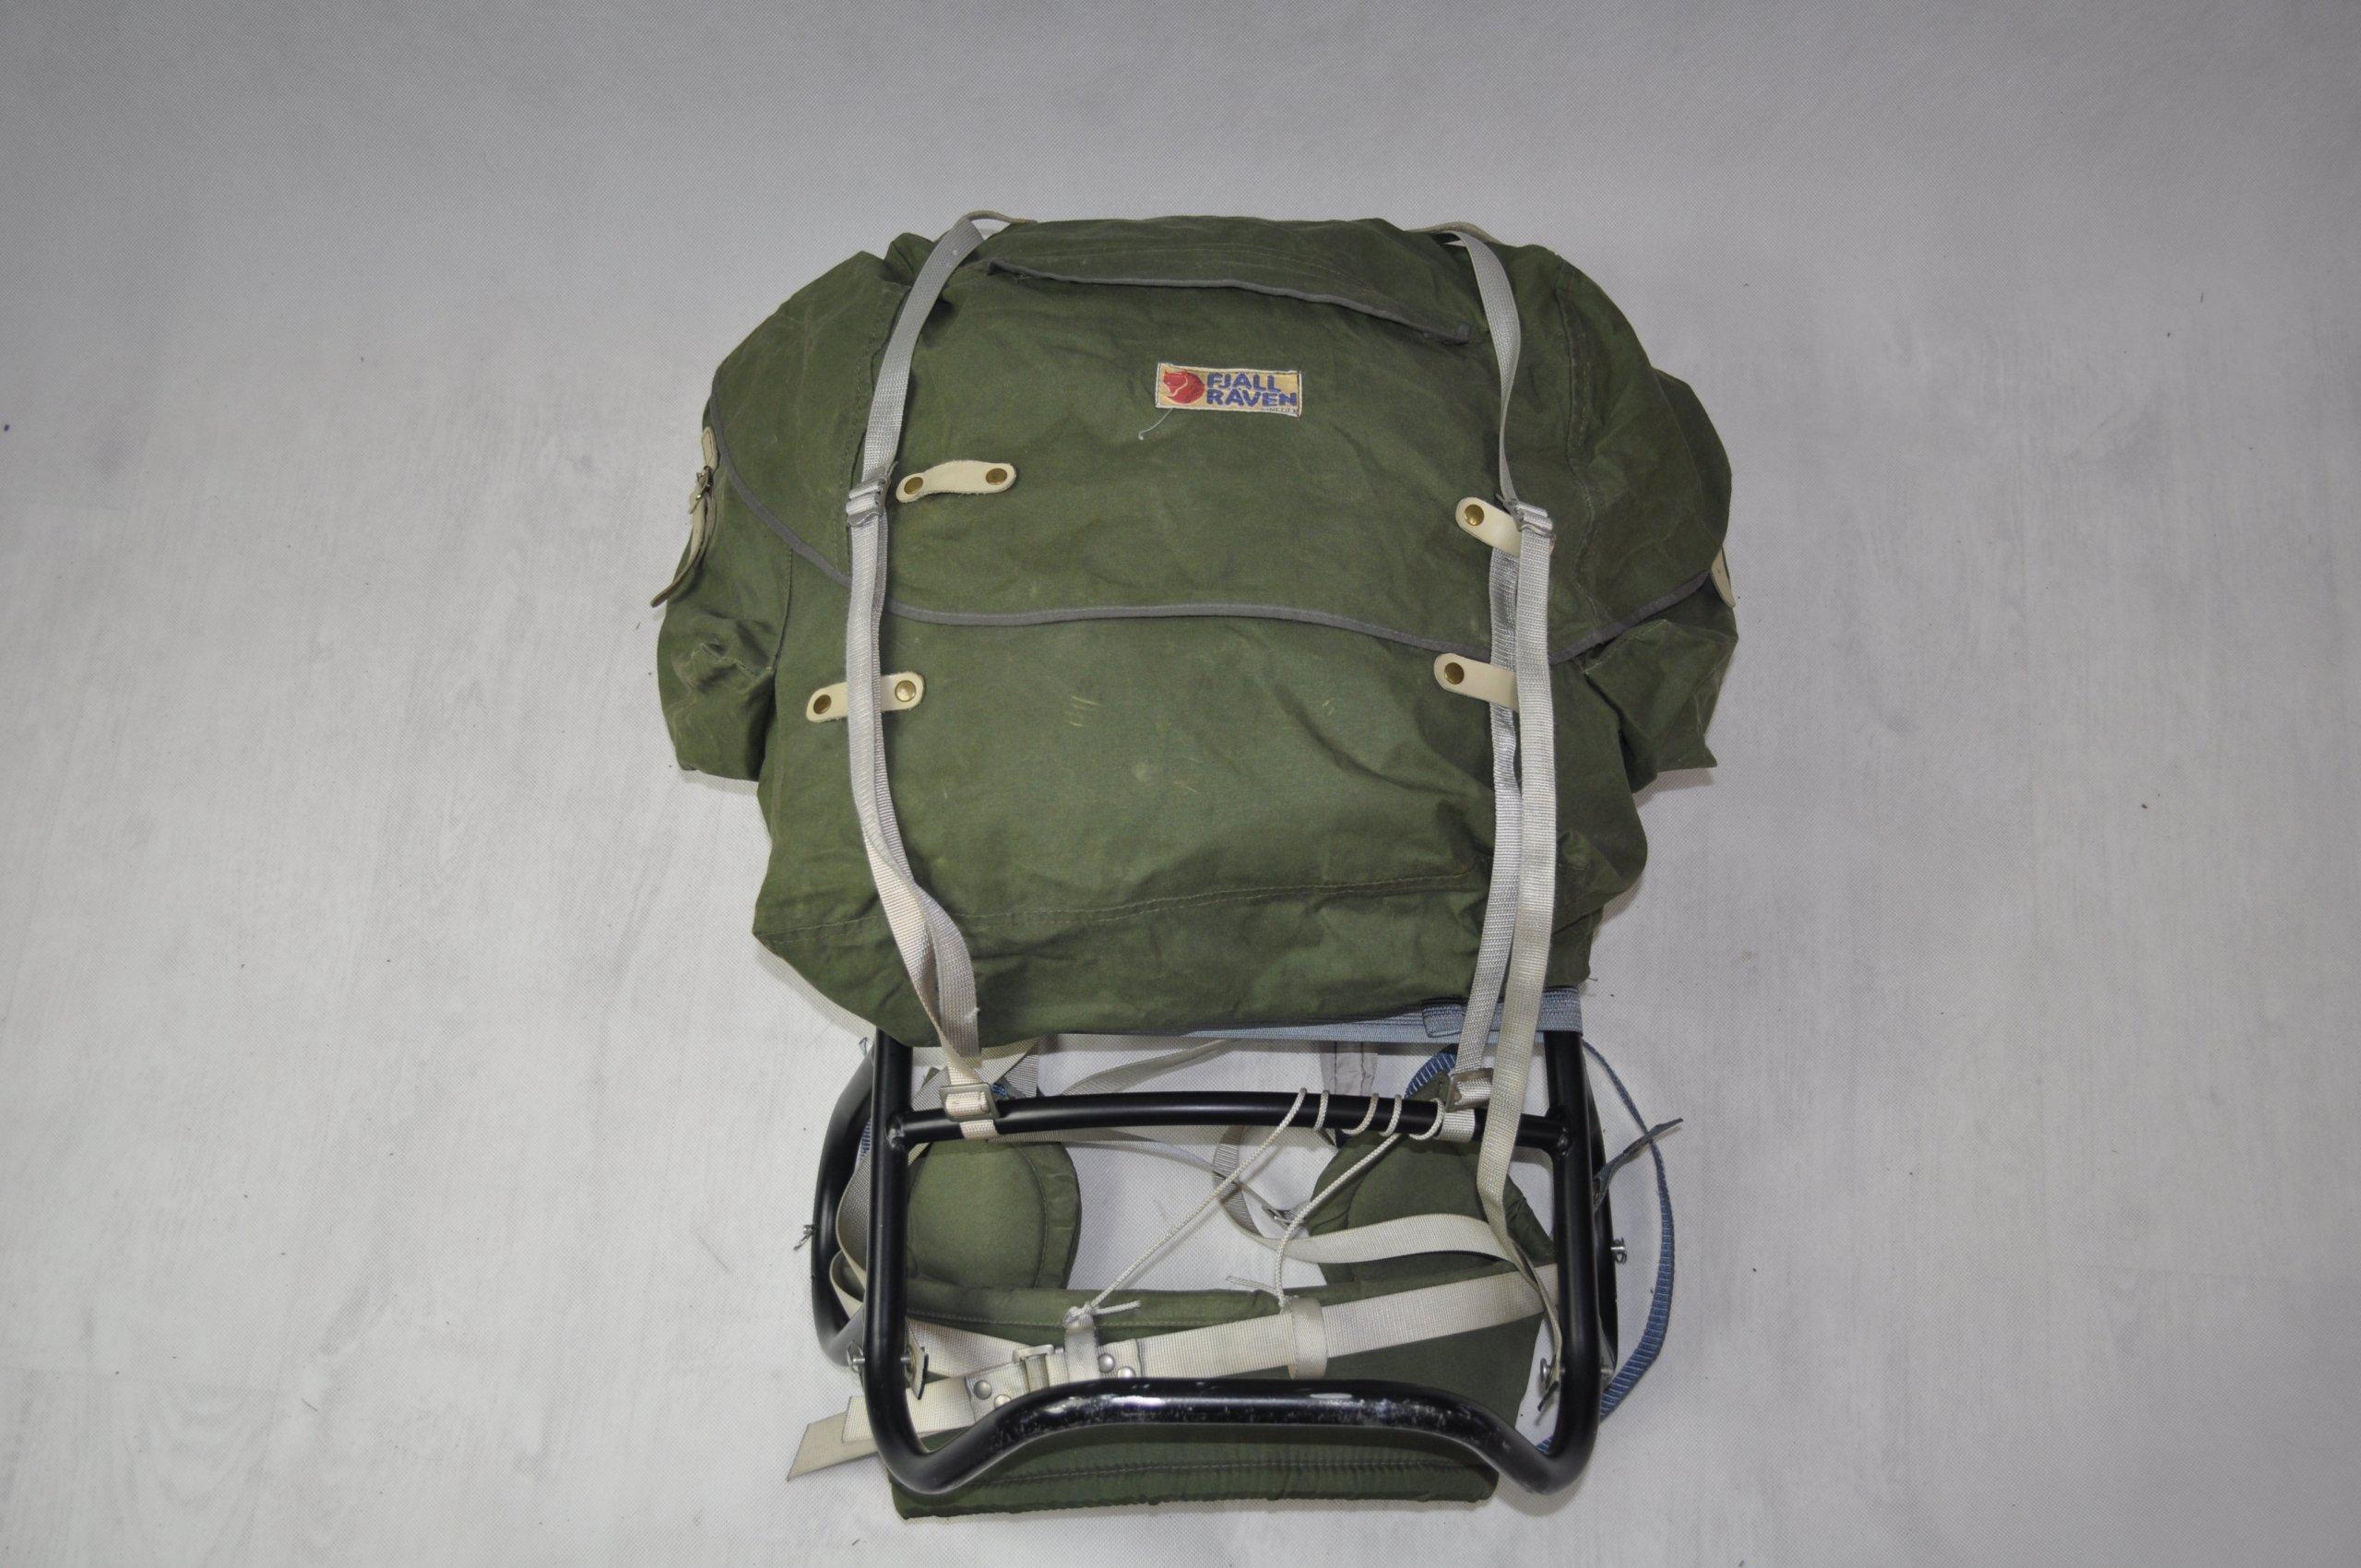 334c67ce757f9 Plecak Fjallraven model z lat 70tych Vintage - 7114005673 ...